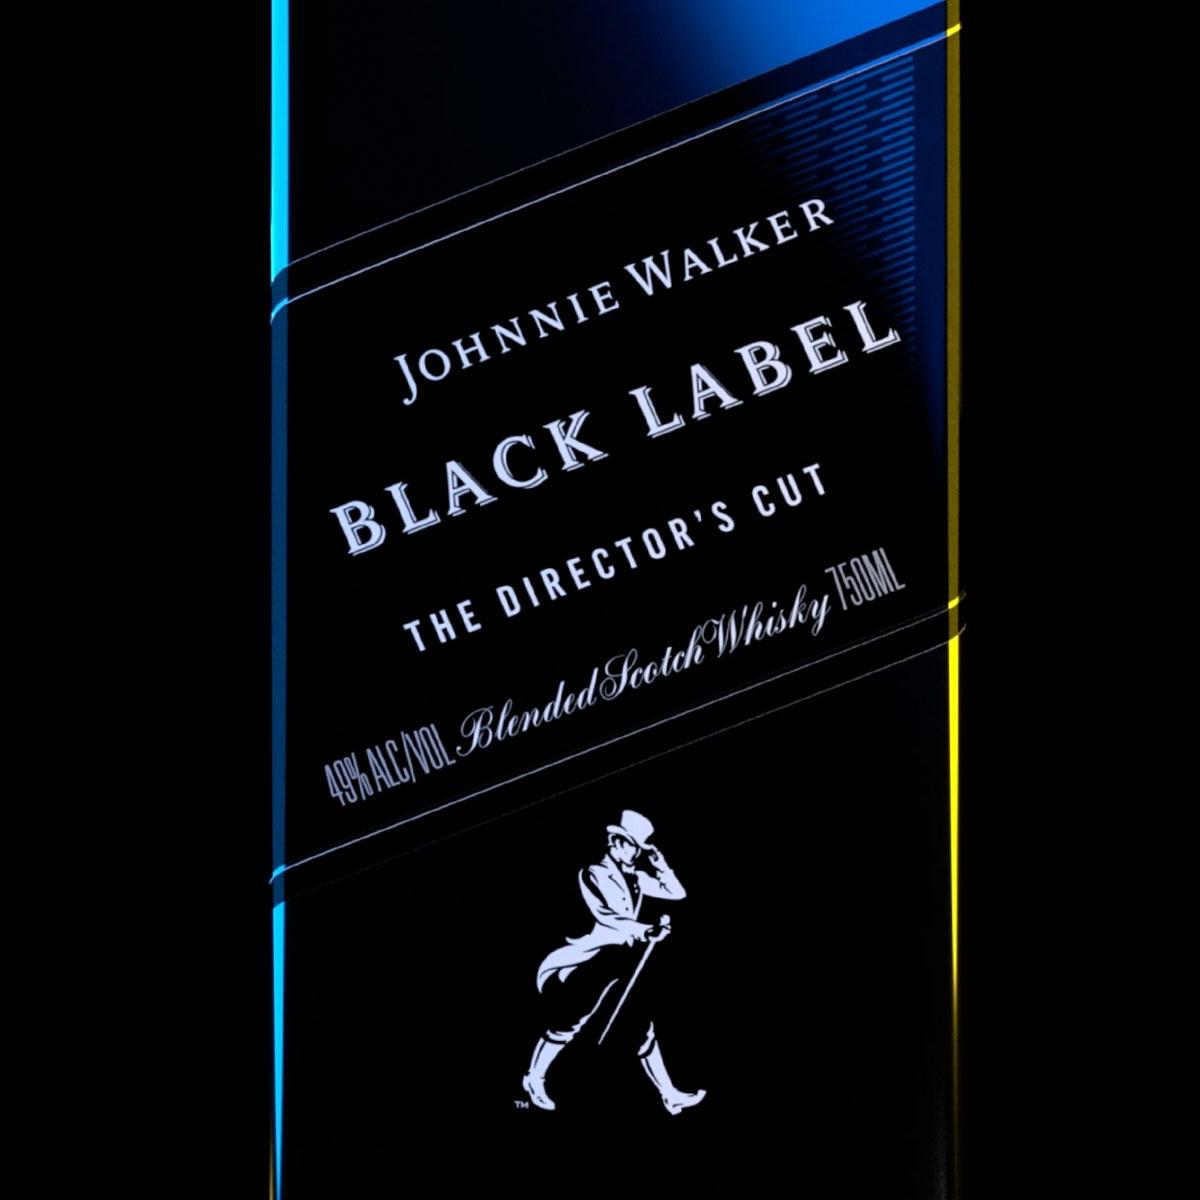 Blade Runner 2049, Johnnie Walker, Ngon, Manchester Agency